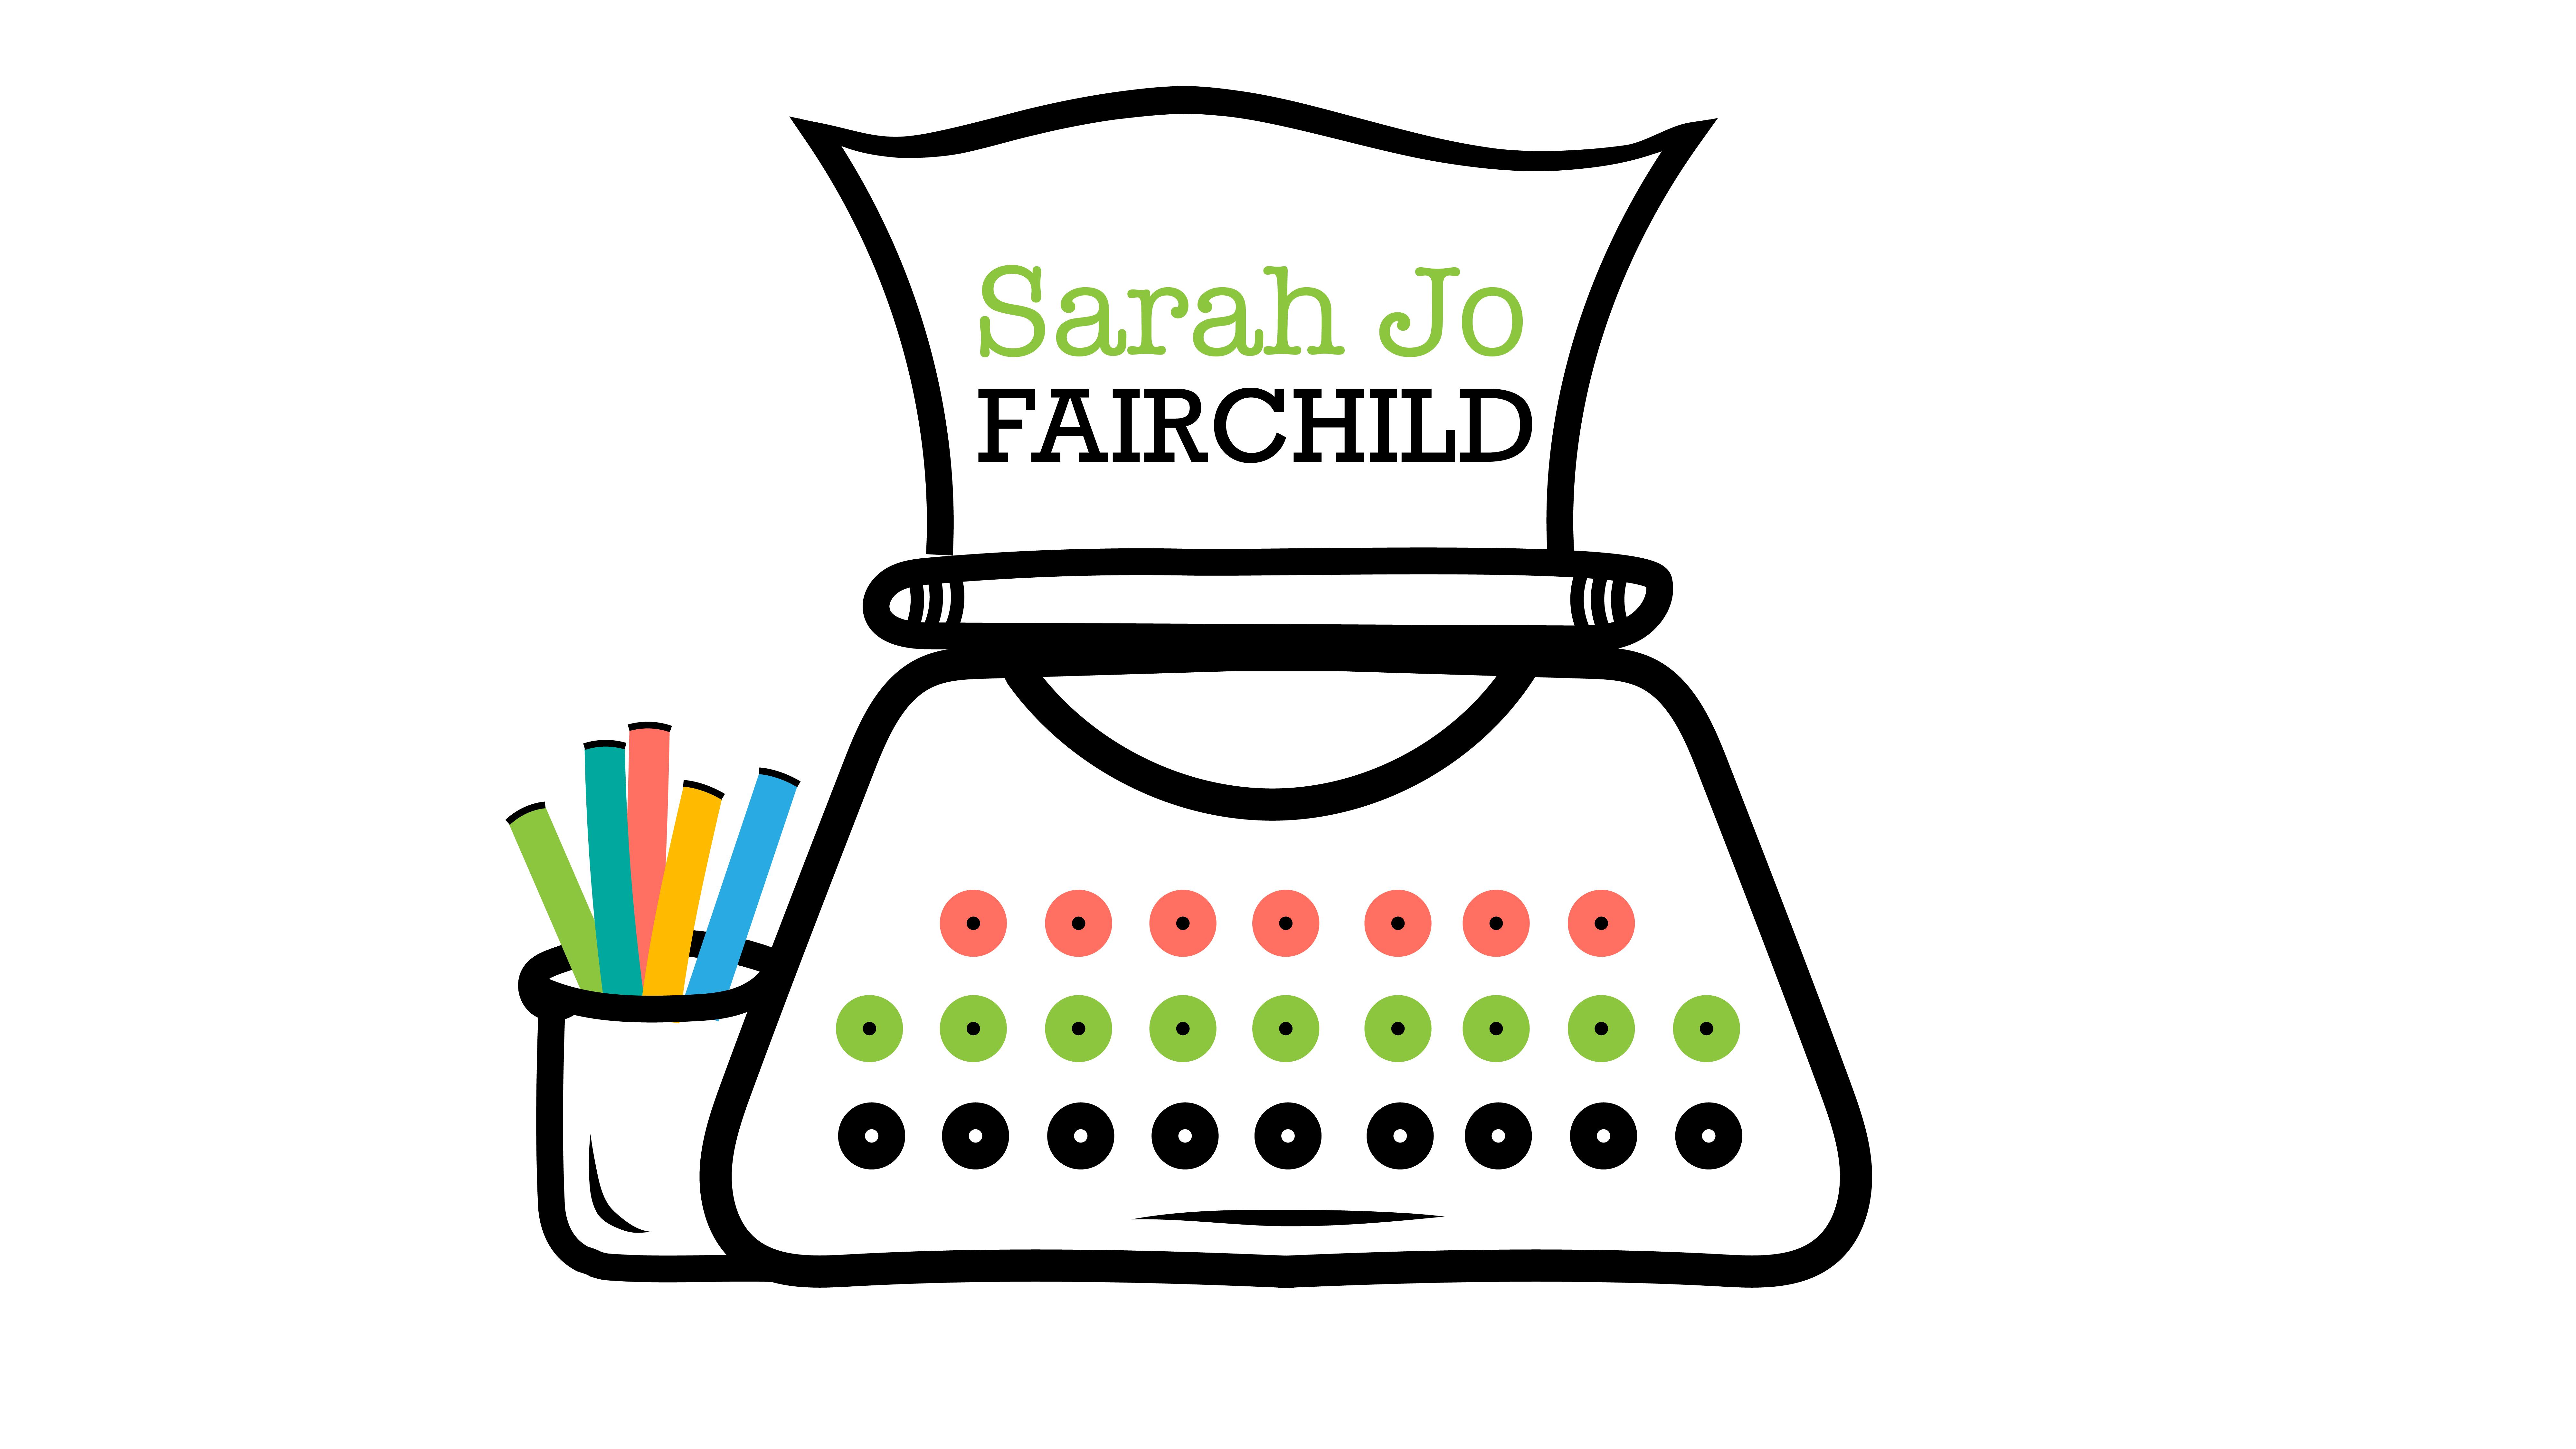 Sarah Typewriter 2 01 Artboard 1